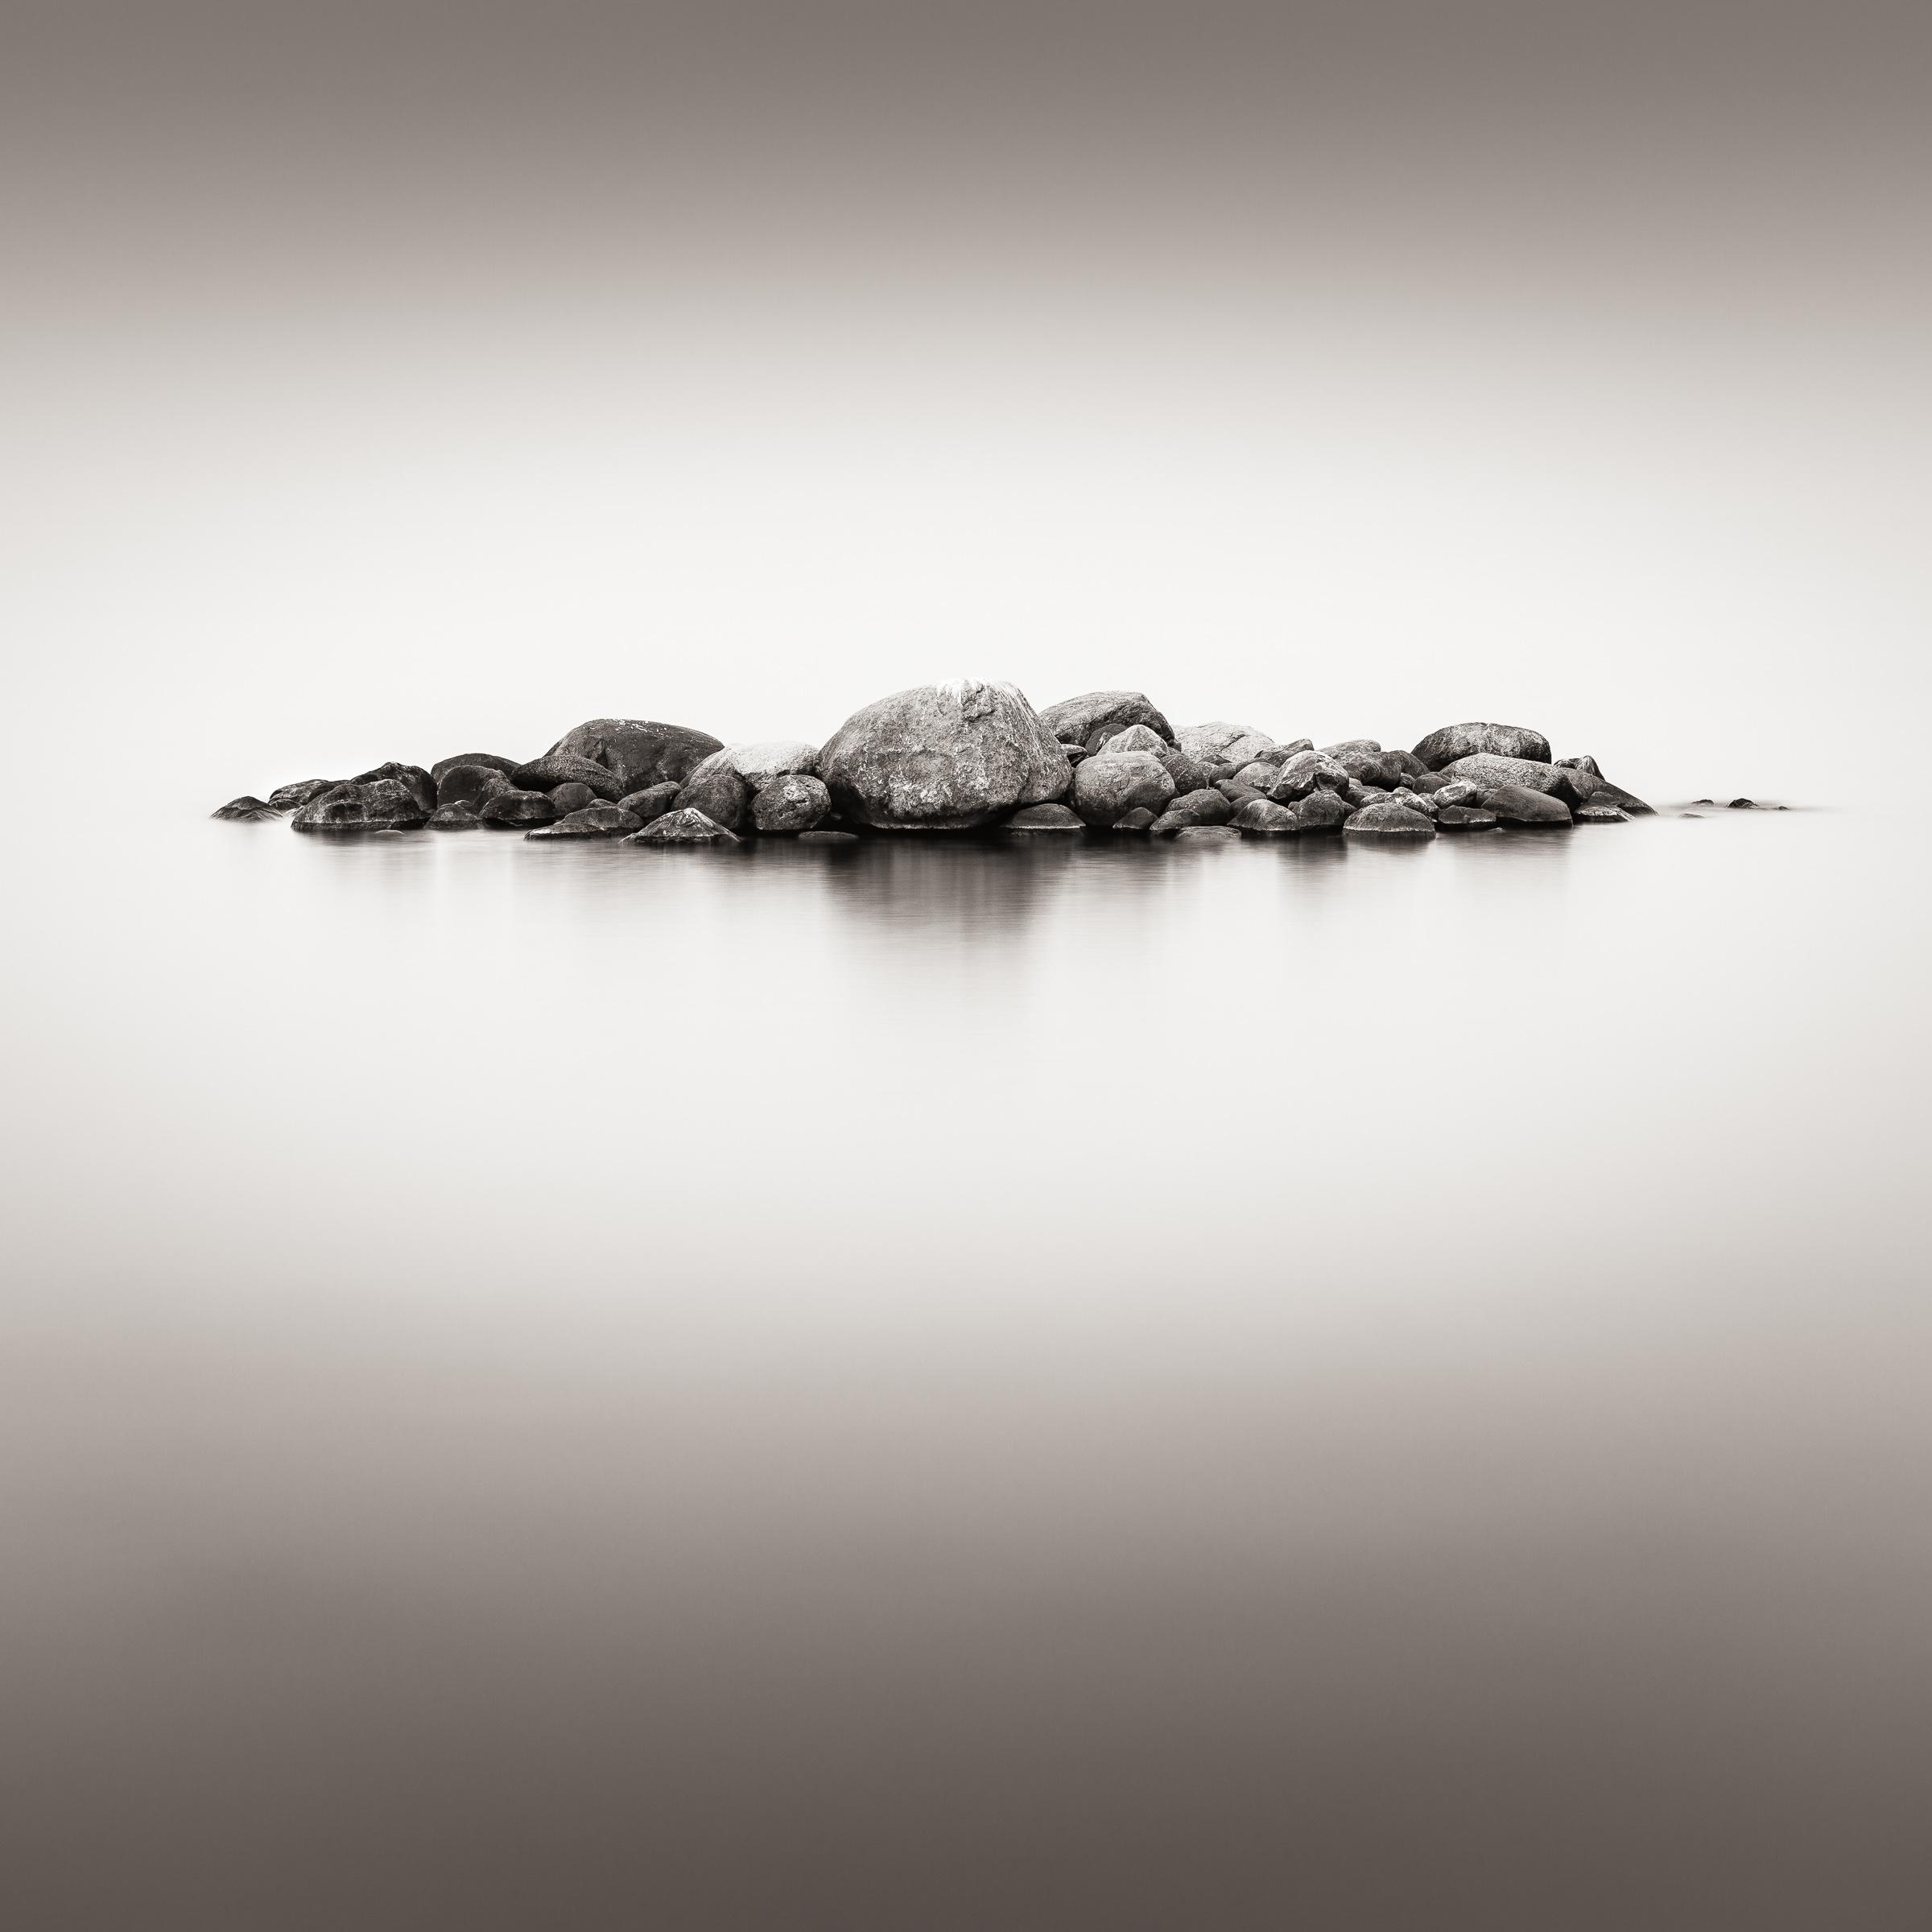 Peter Dusek, Floating, 2015